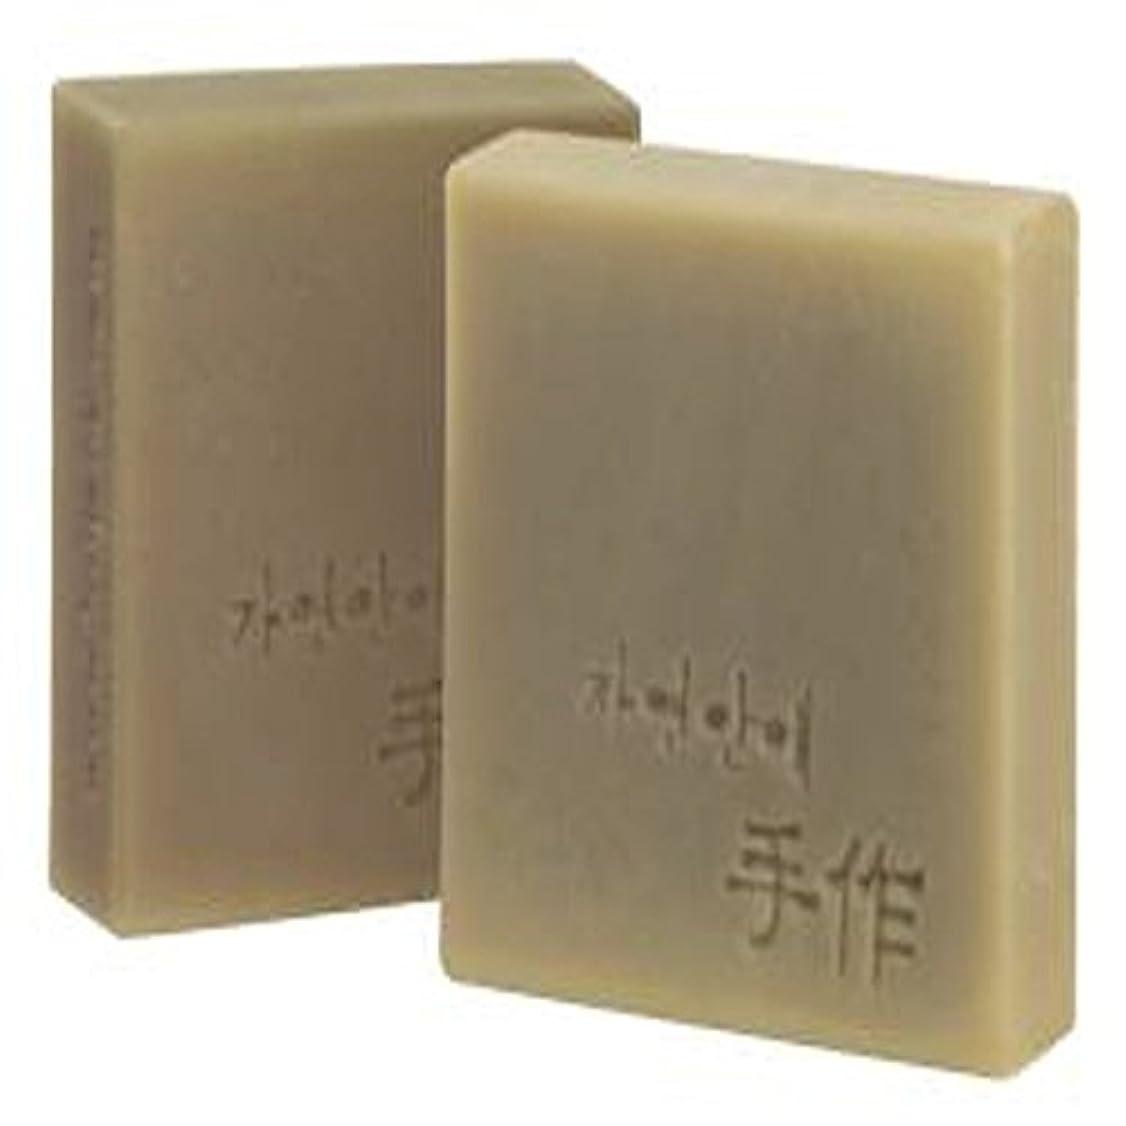 地味な孤独な刻むNatural organic 有機天然ソープ 固形 無添加 洗顔せっけんクレンジング 石鹸 [並行輸入品] (清州)